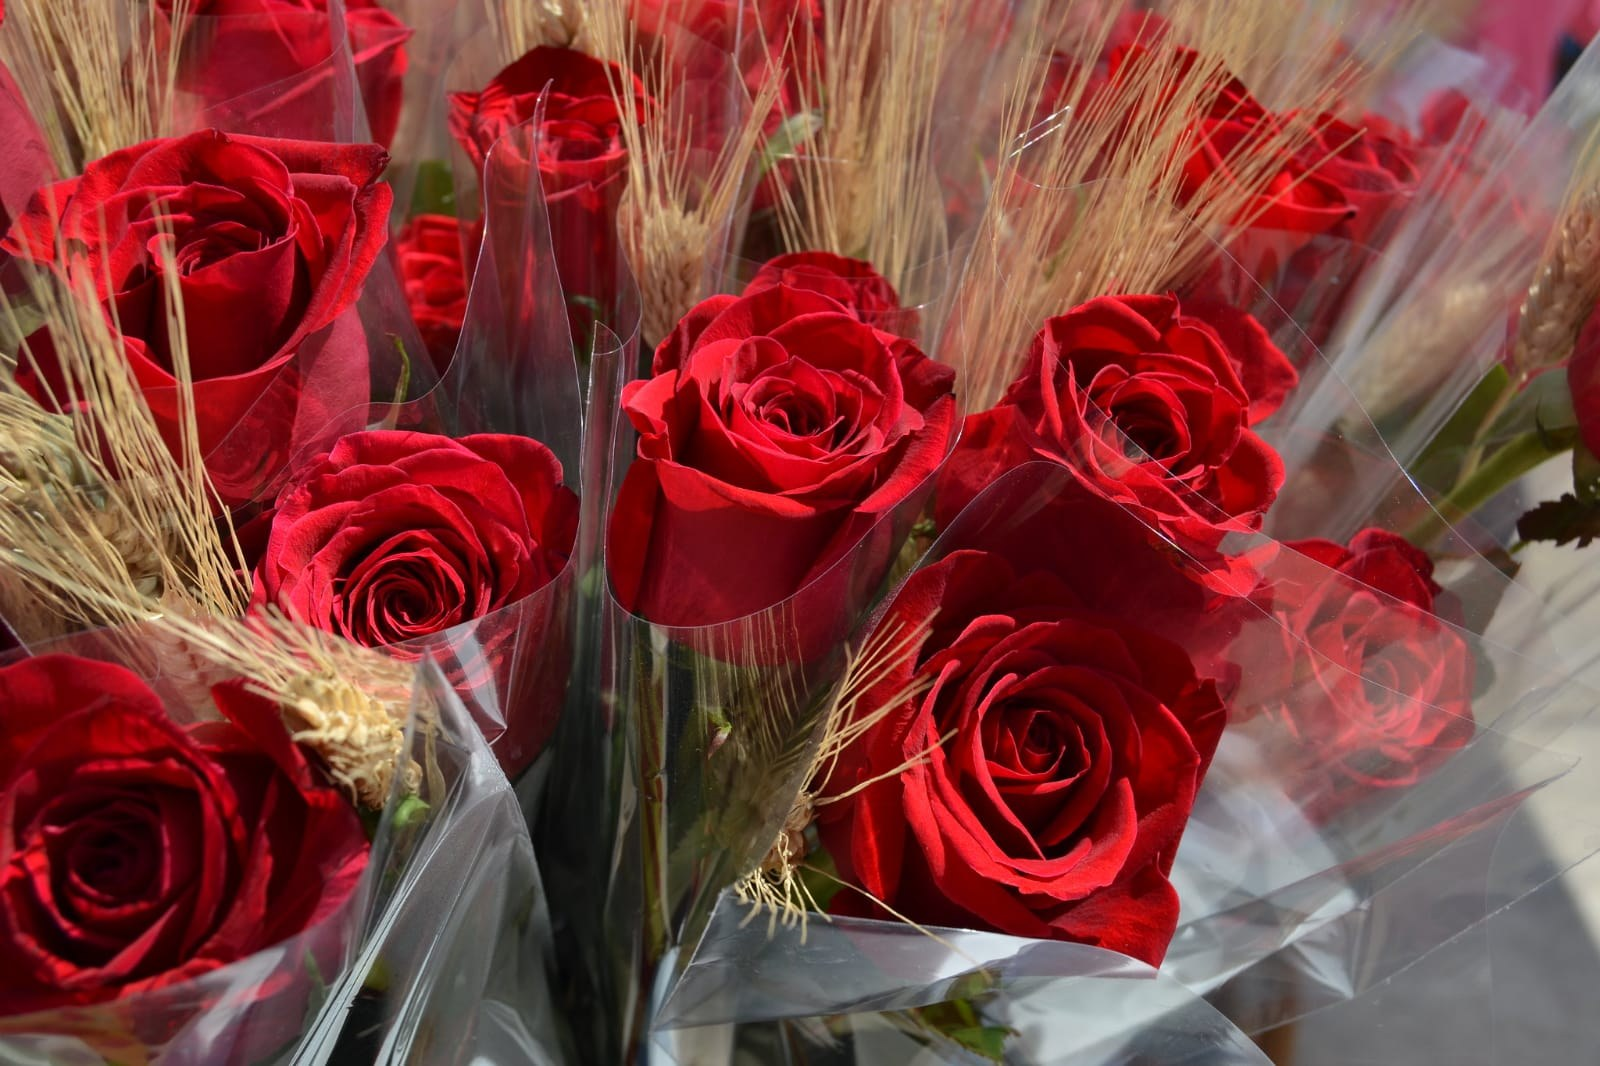 L'Ajuntament de Sitges promou una campanya per regalar roses i llibres aquest Sant Jordi 2020 atípic des del confinament